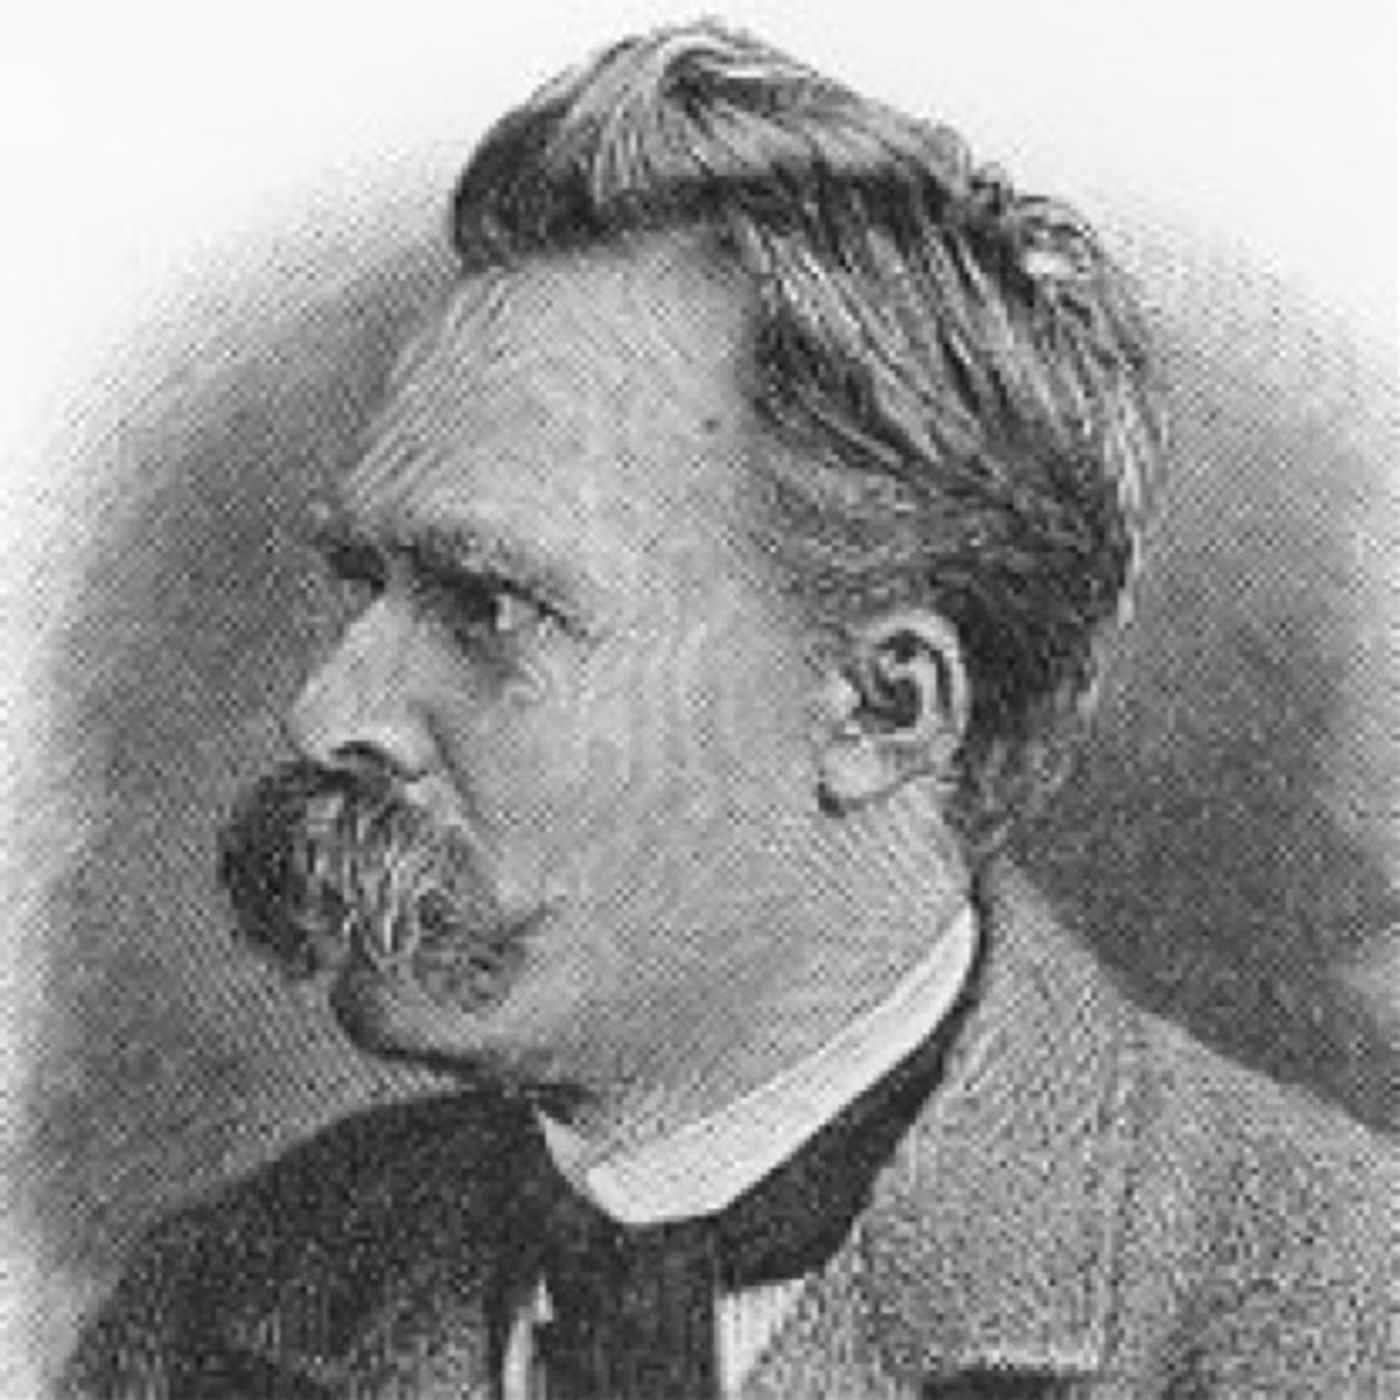 La filosofia di Nietzsche lo condusse alla pazzia